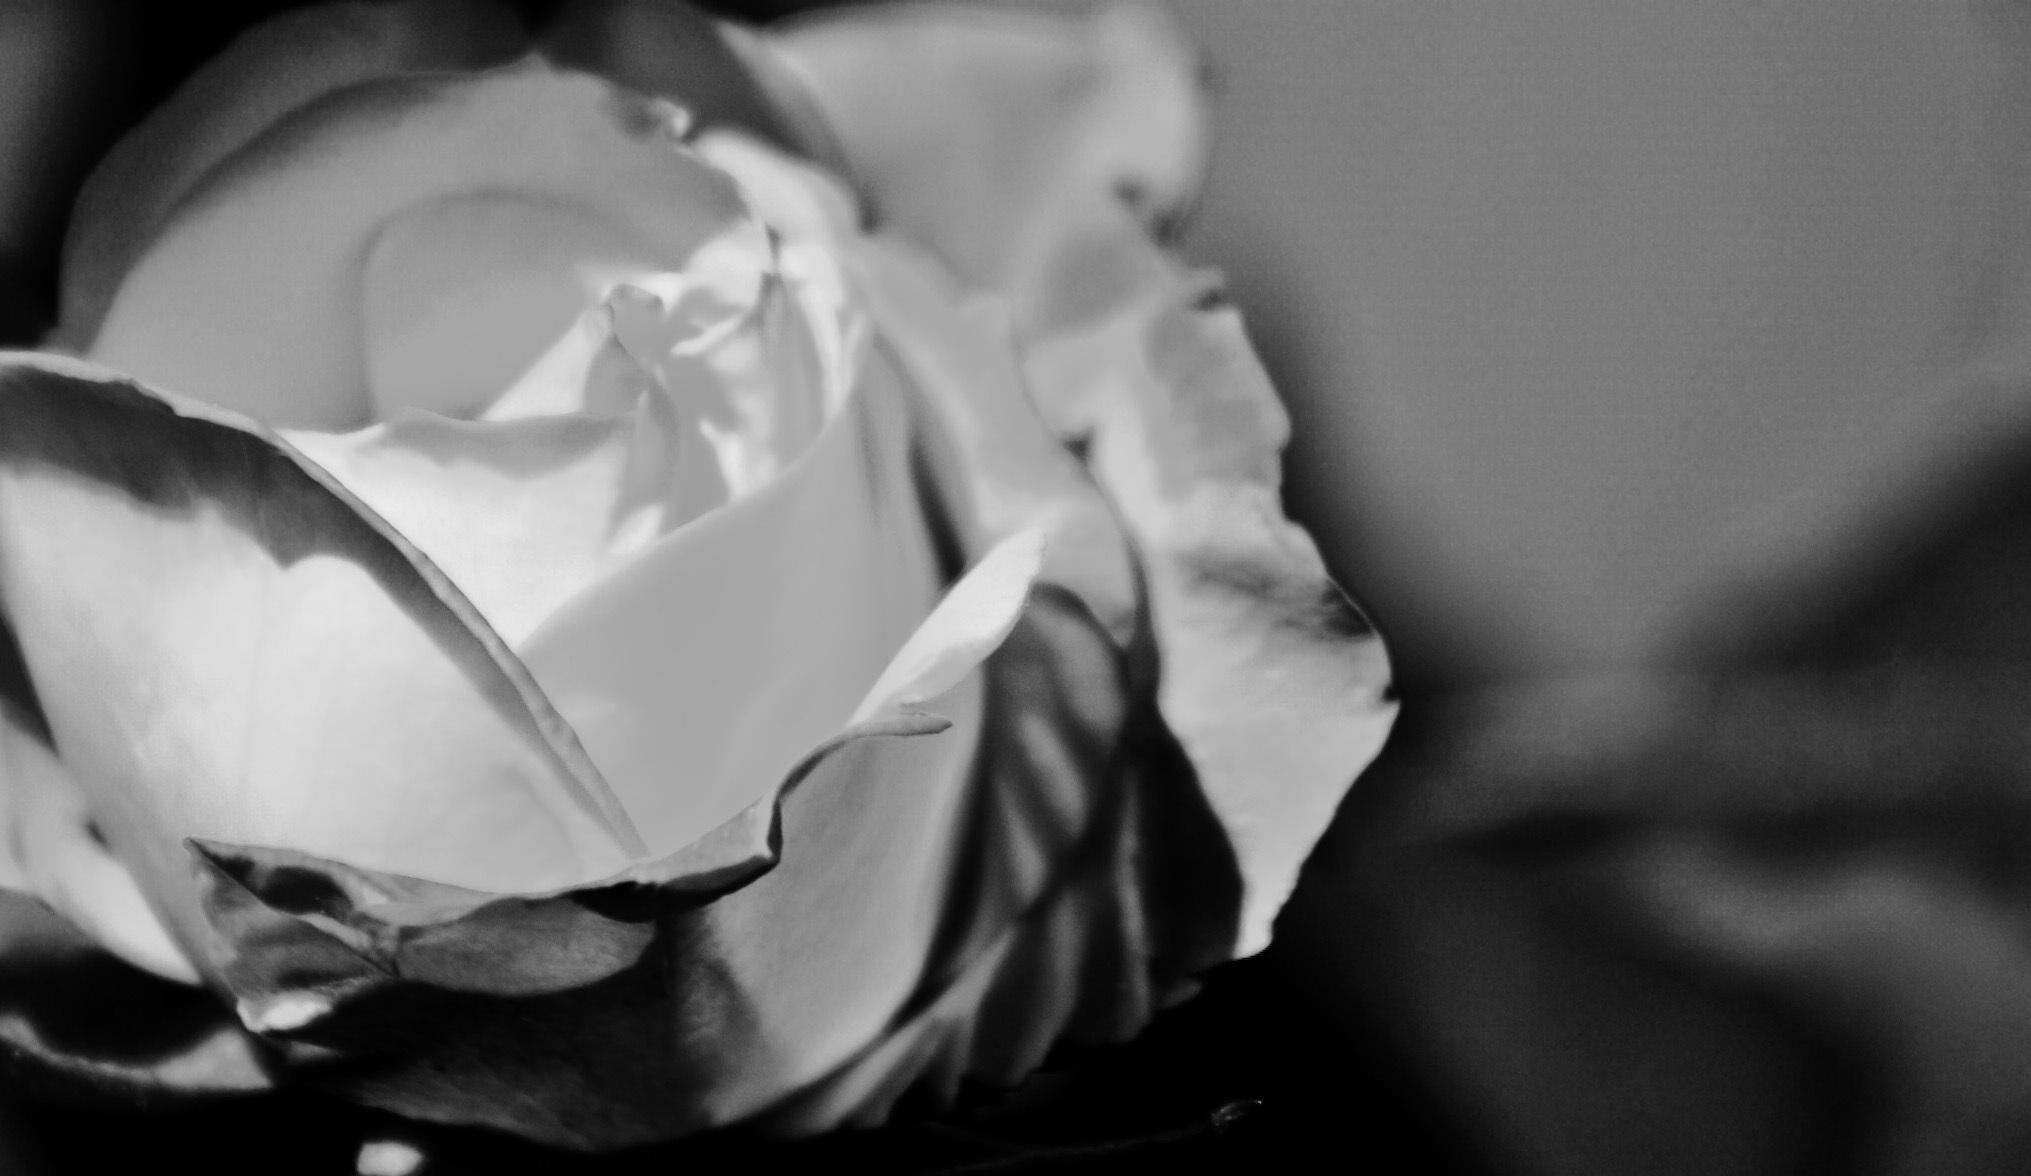 Gambar Tangan Hitam Dan Putih Daun Bunga Bunga Mawar